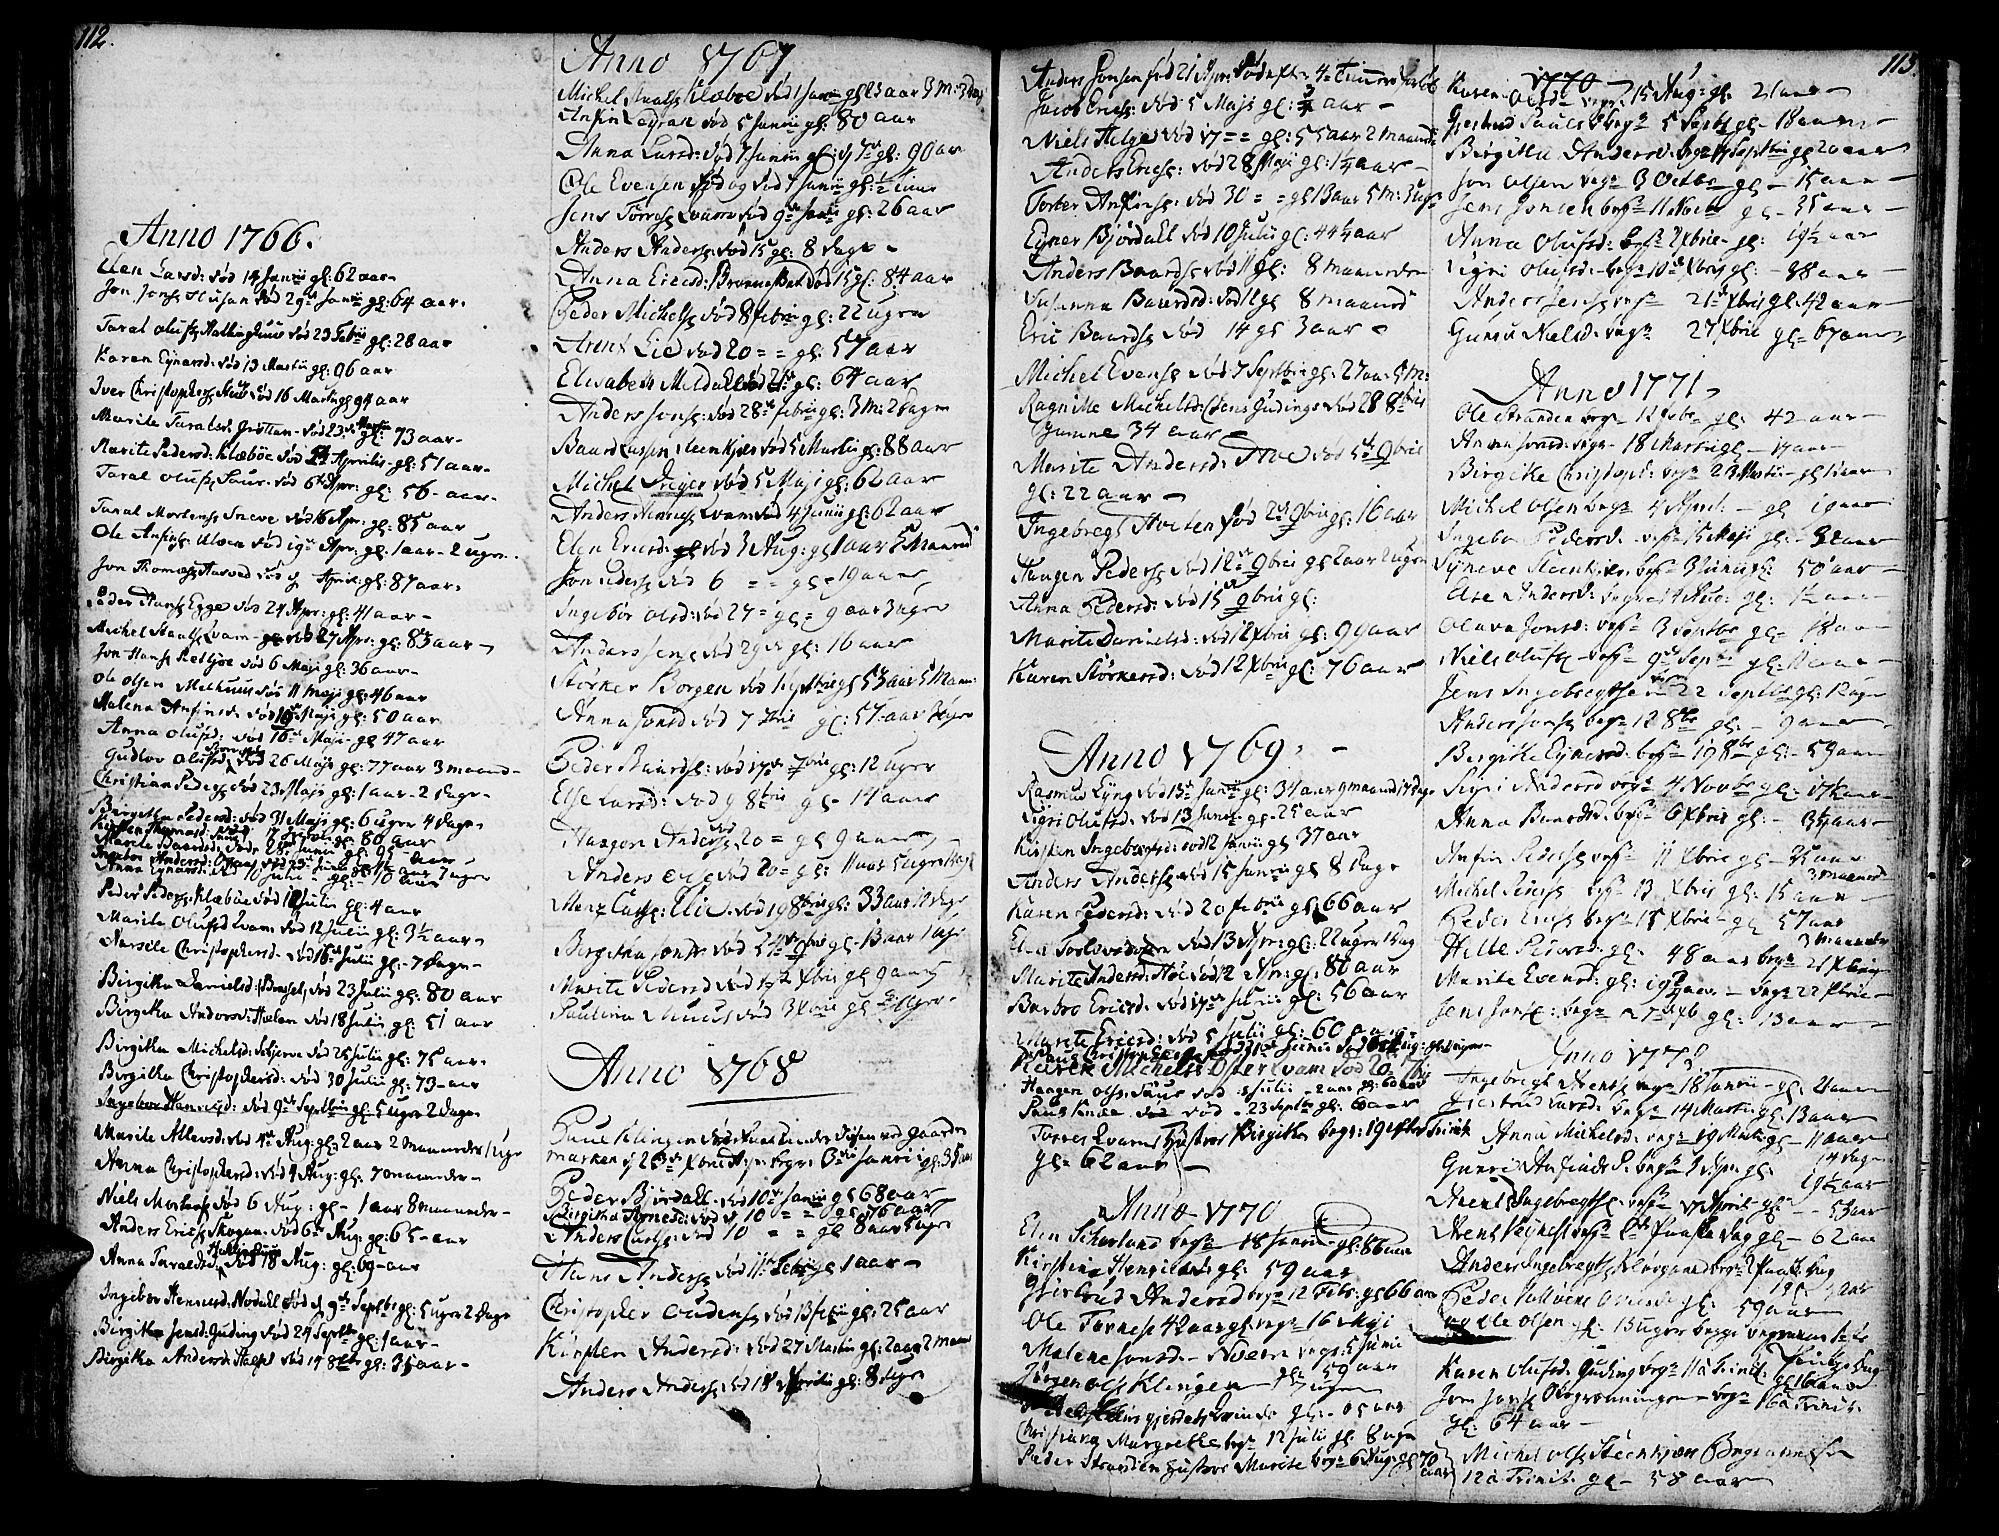 SAT, Ministerialprotokoller, klokkerbøker og fødselsregistre - Nord-Trøndelag, 746/L0440: Ministerialbok nr. 746A02, 1760-1815, s. 112-113